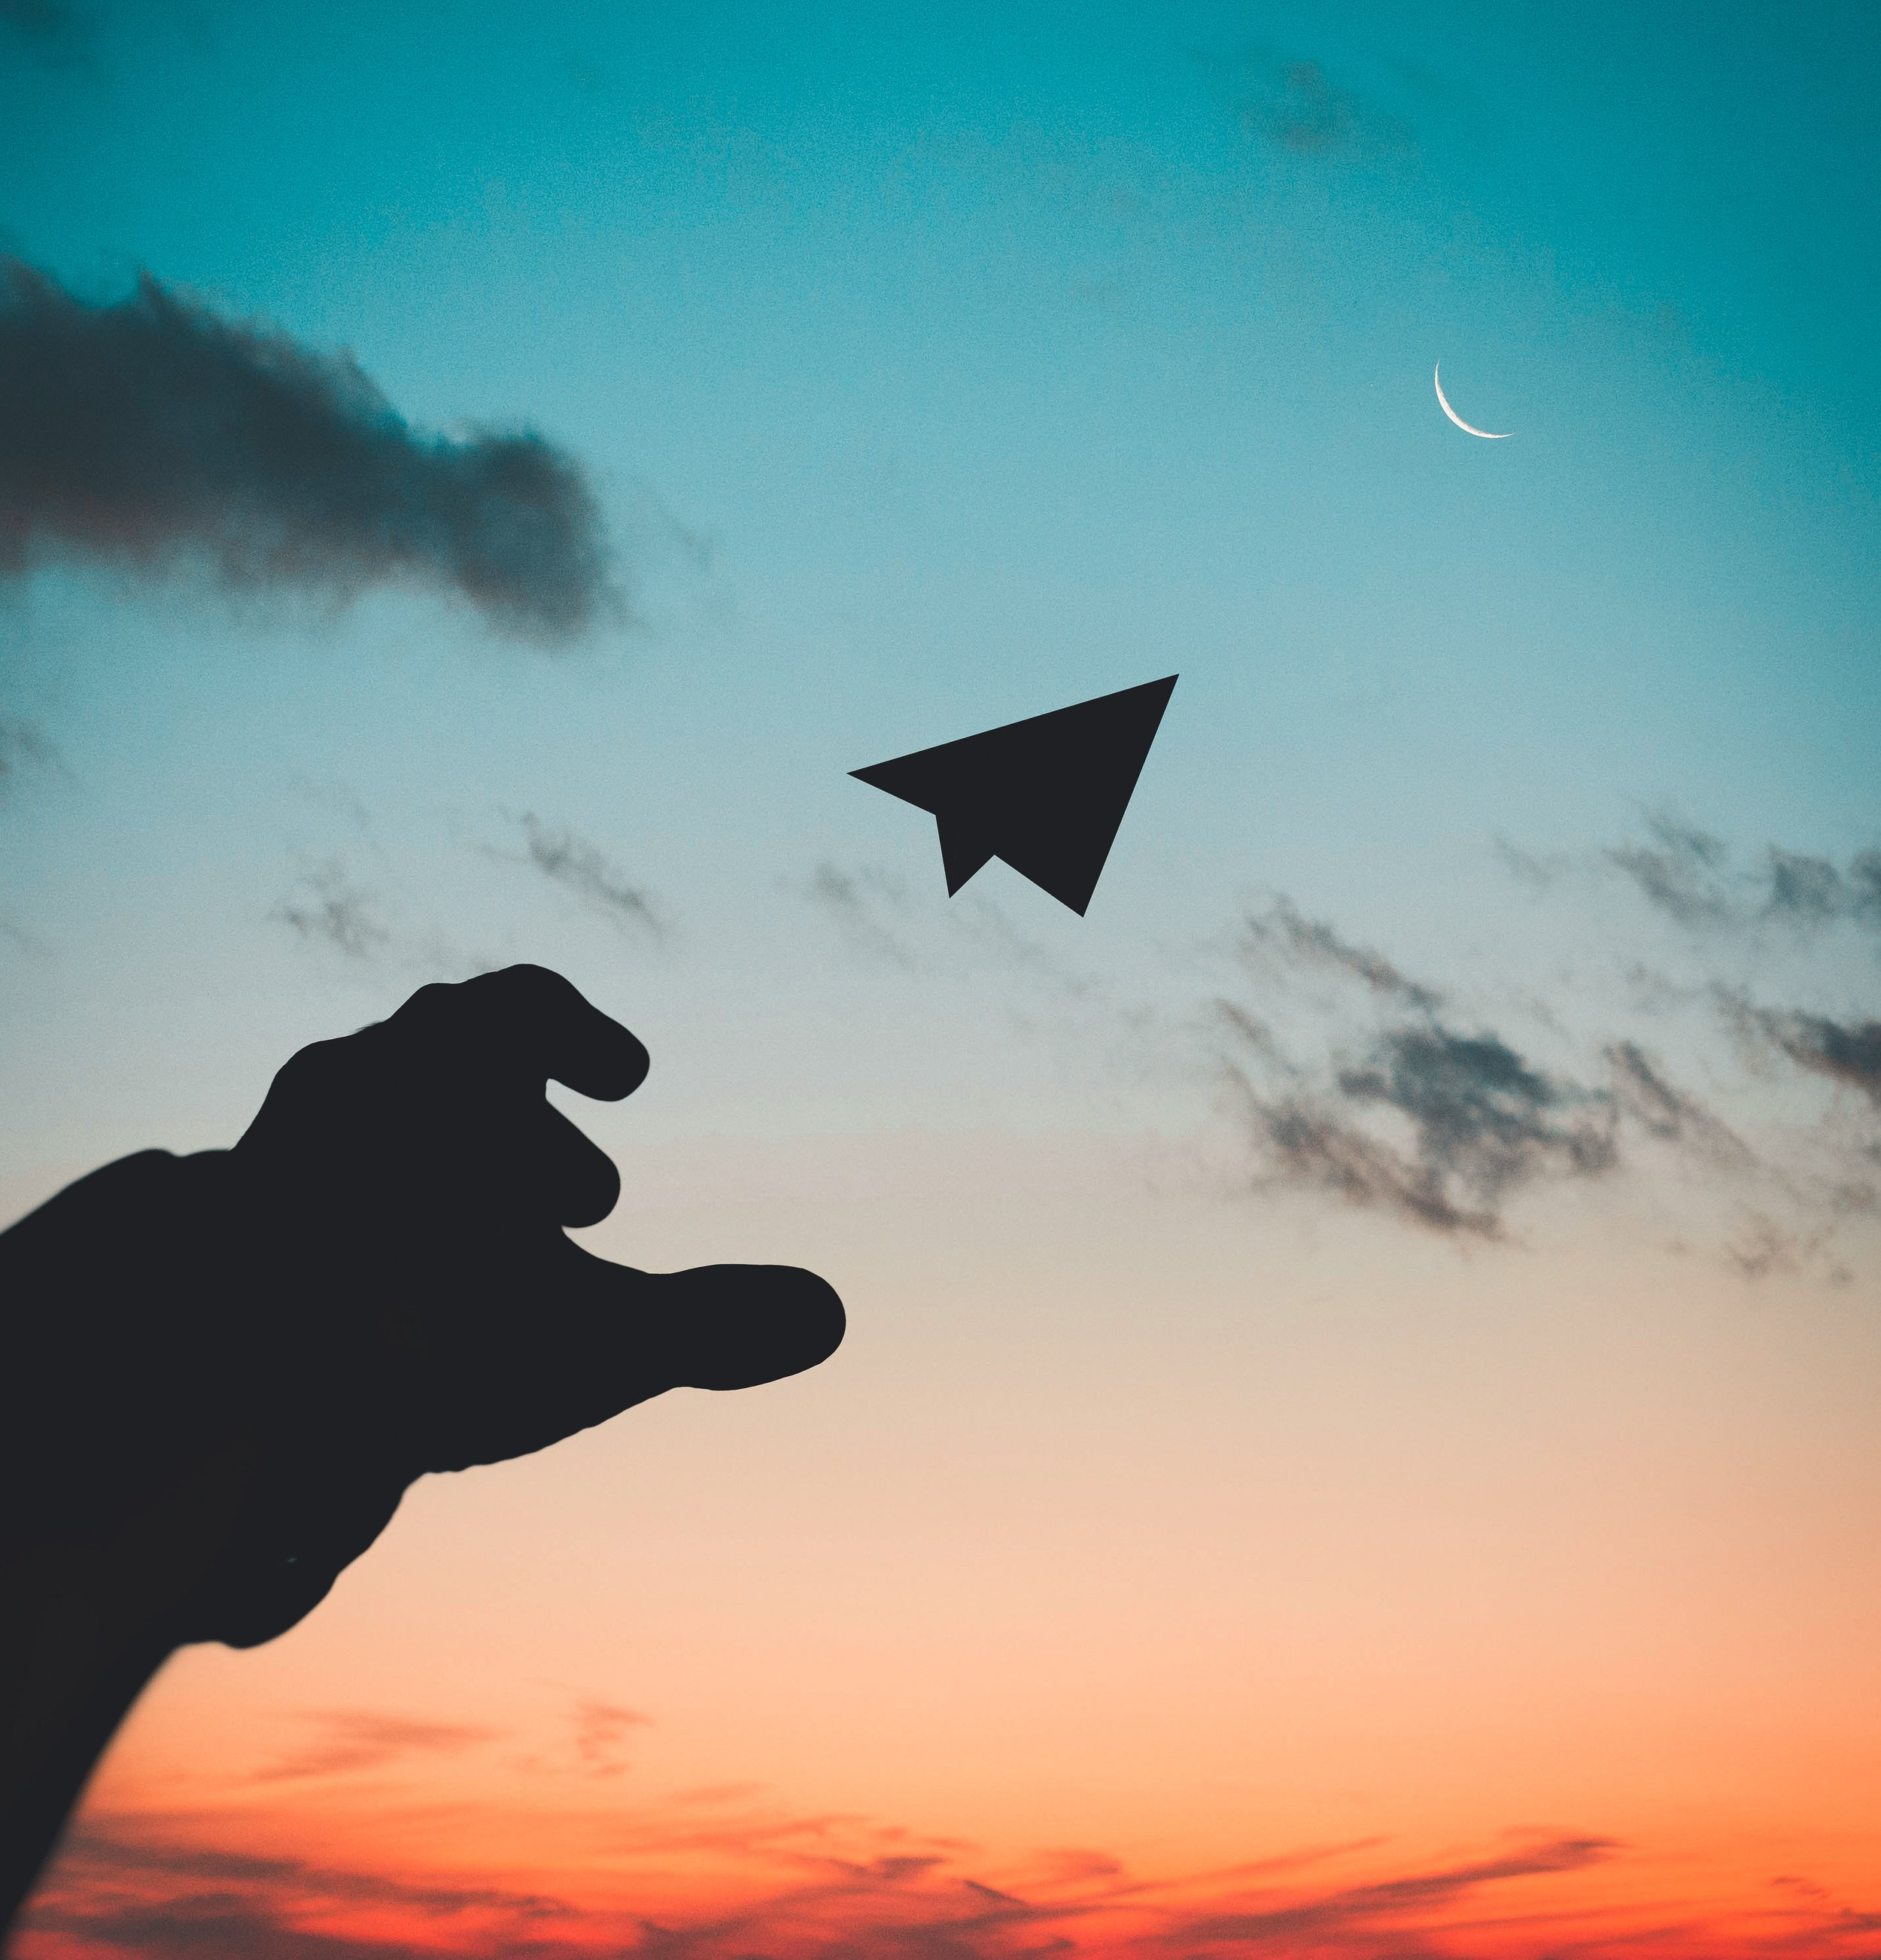 airplane-backlit-clouds-1262304.jpg